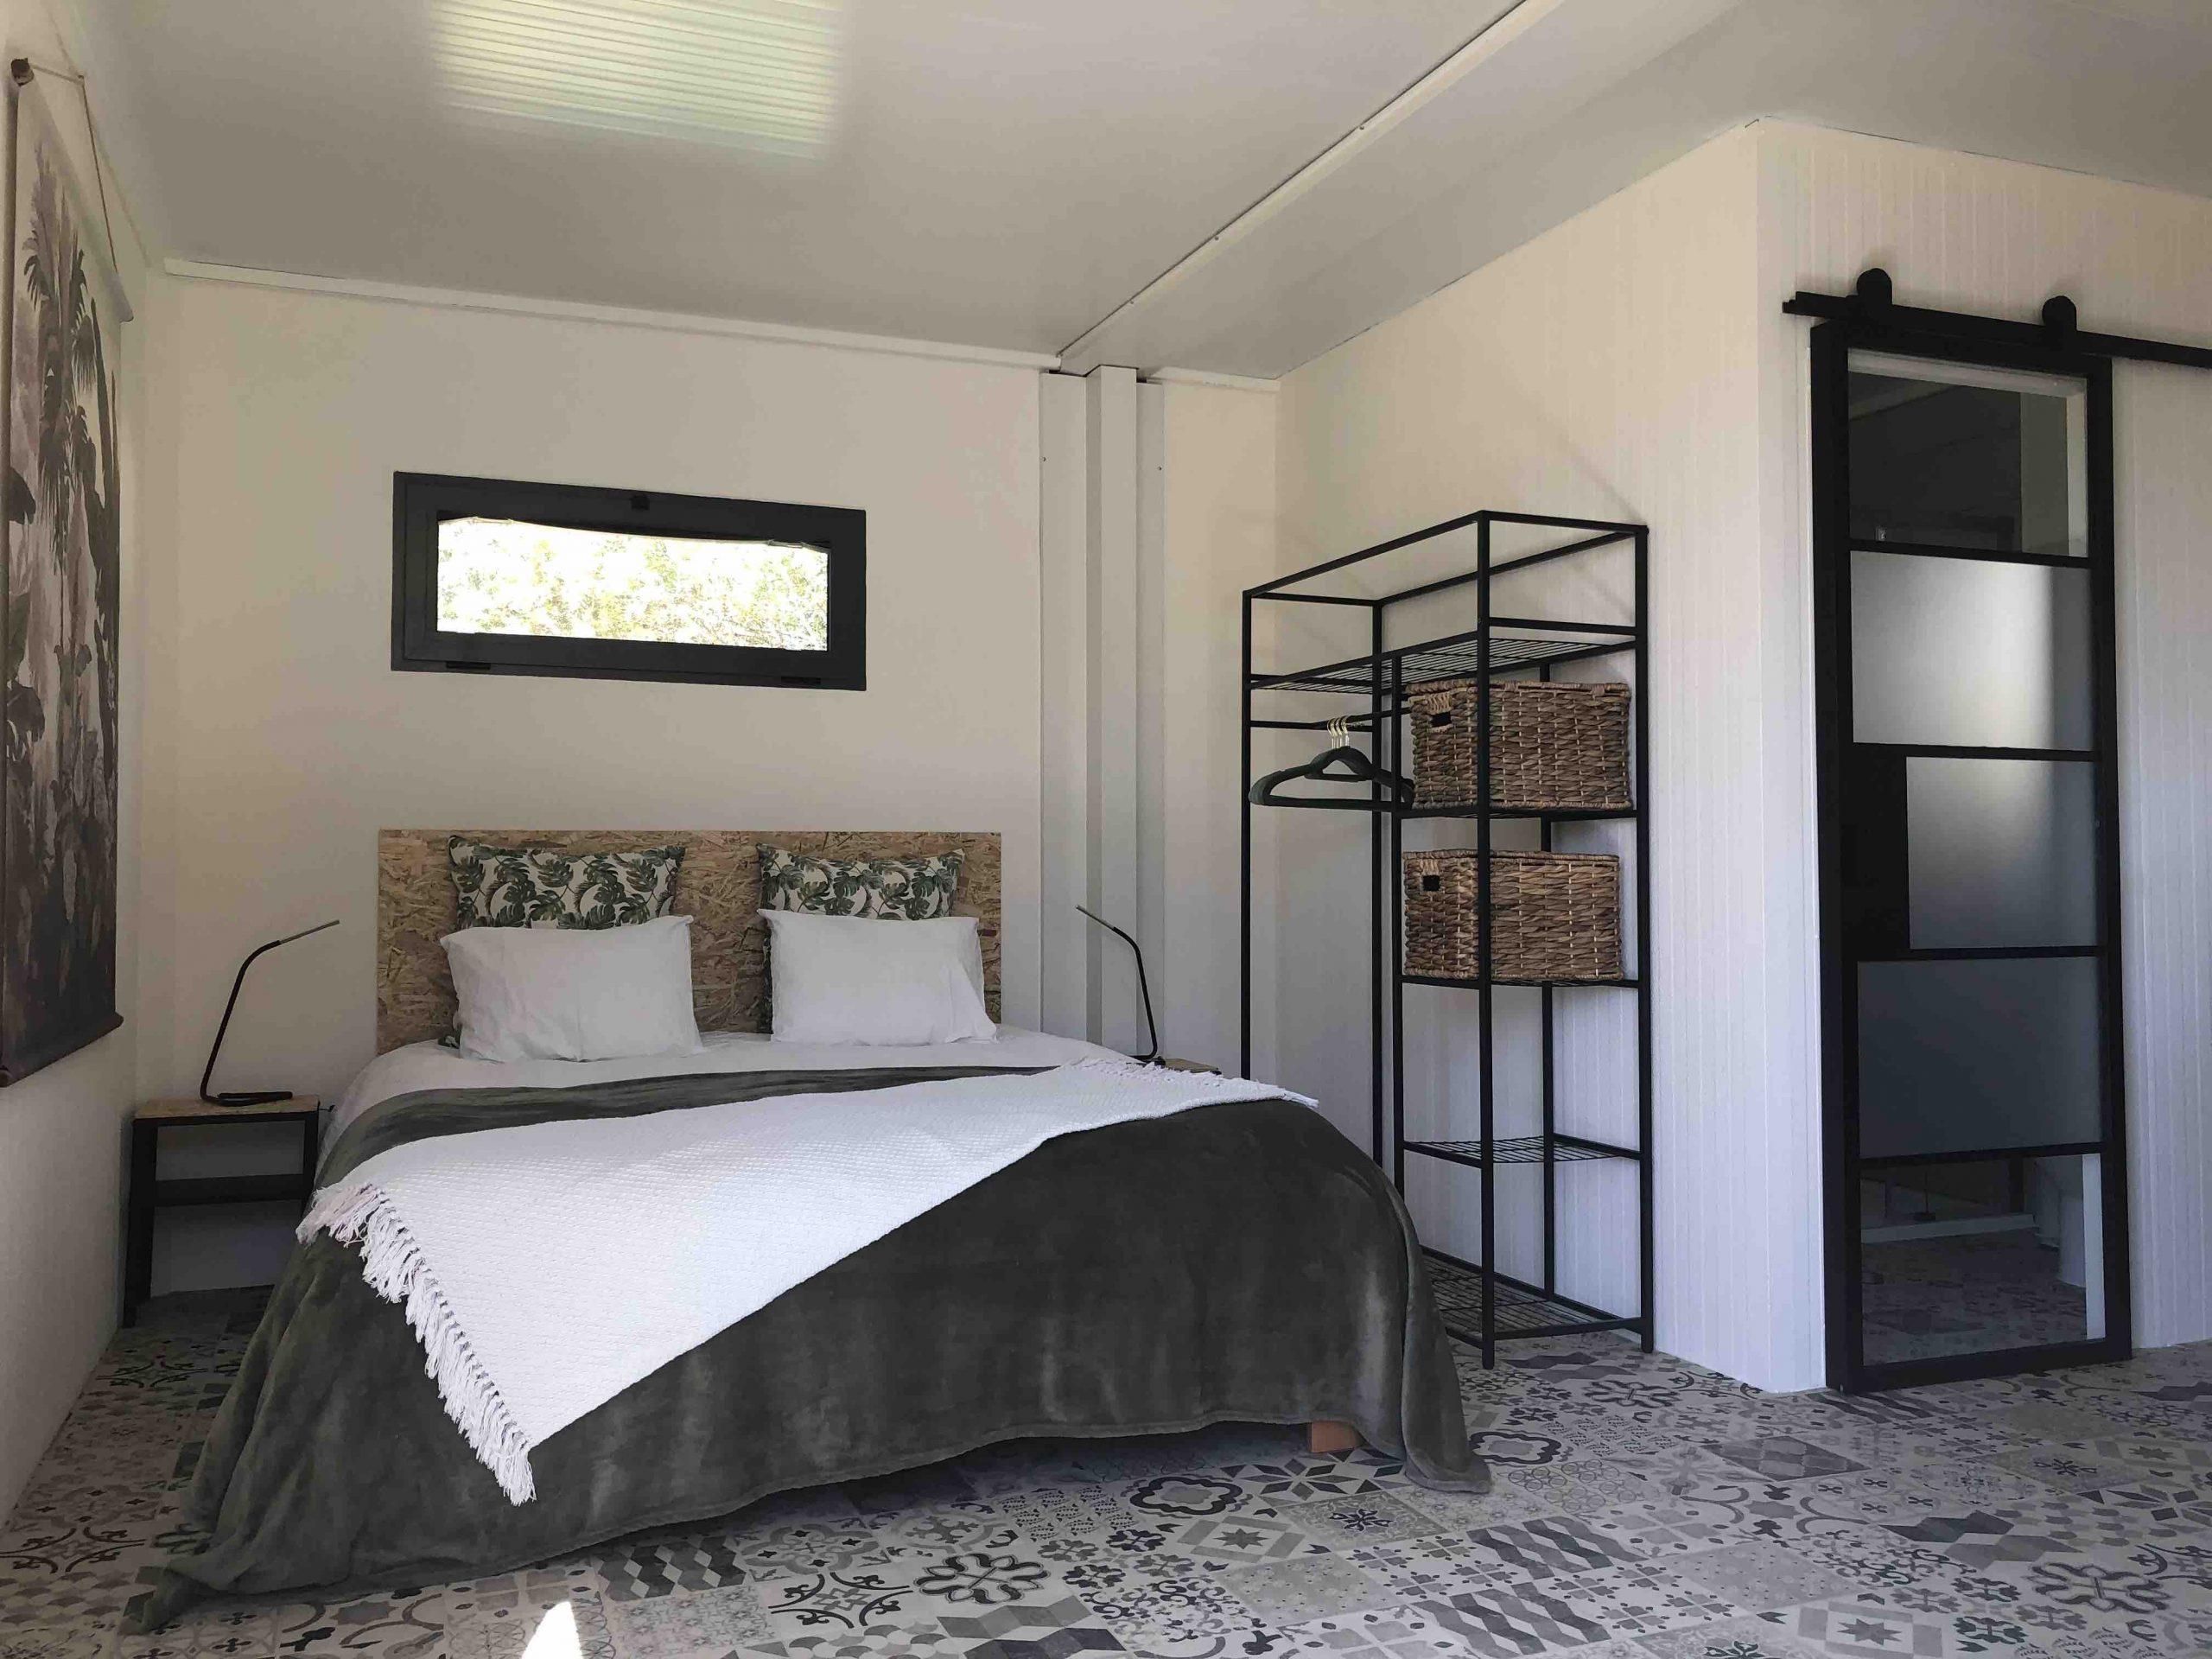 Montinho Garden studio 2 bed 2